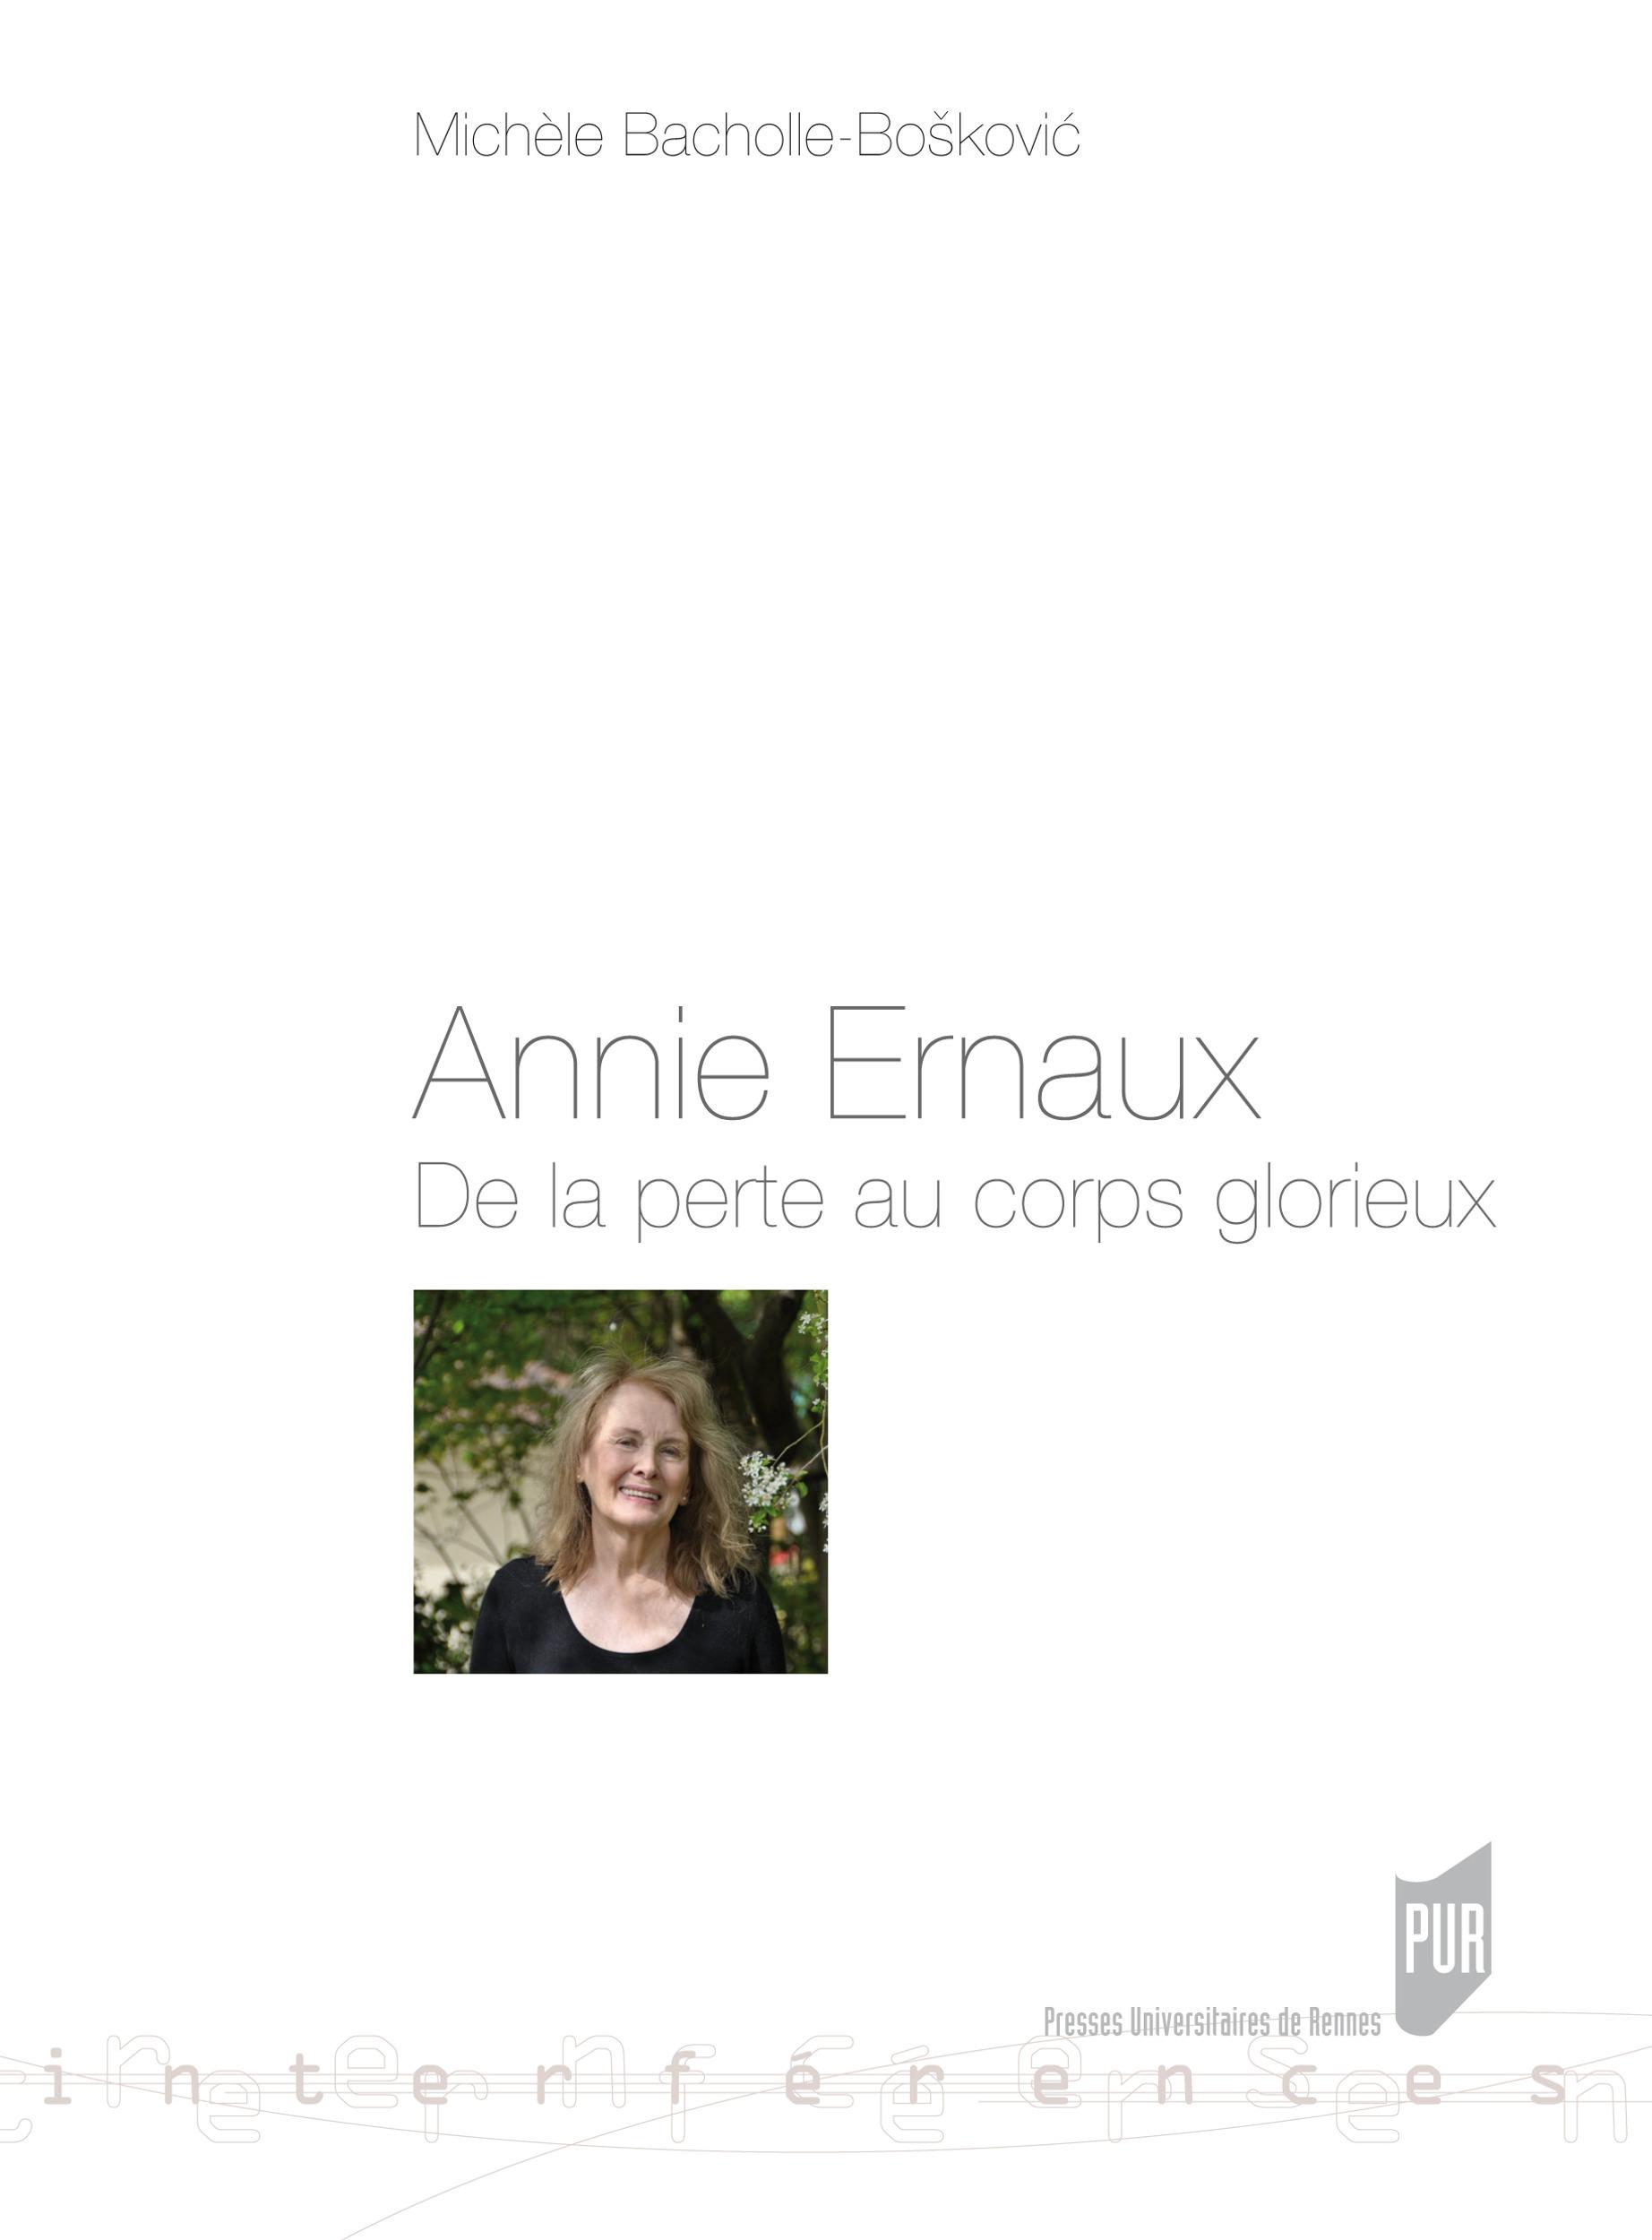 Annie Ernaux ; de la perte au corps glorieux